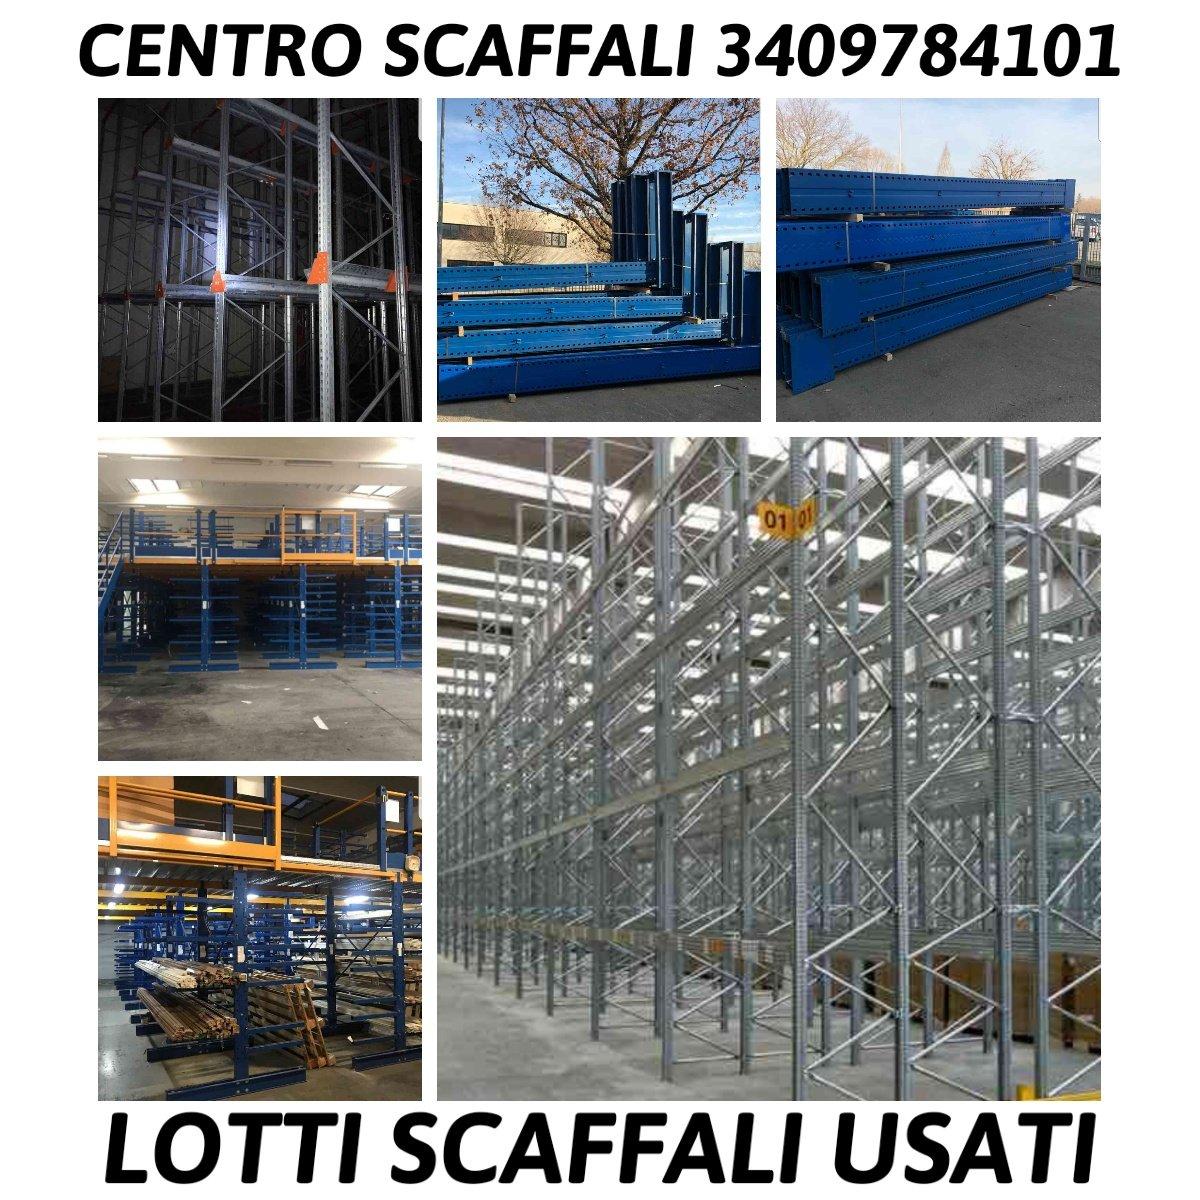 Scaffali A Gondola Usati.Centro Scaffali Usati 3409784101 Scaffali Usati D Occasione